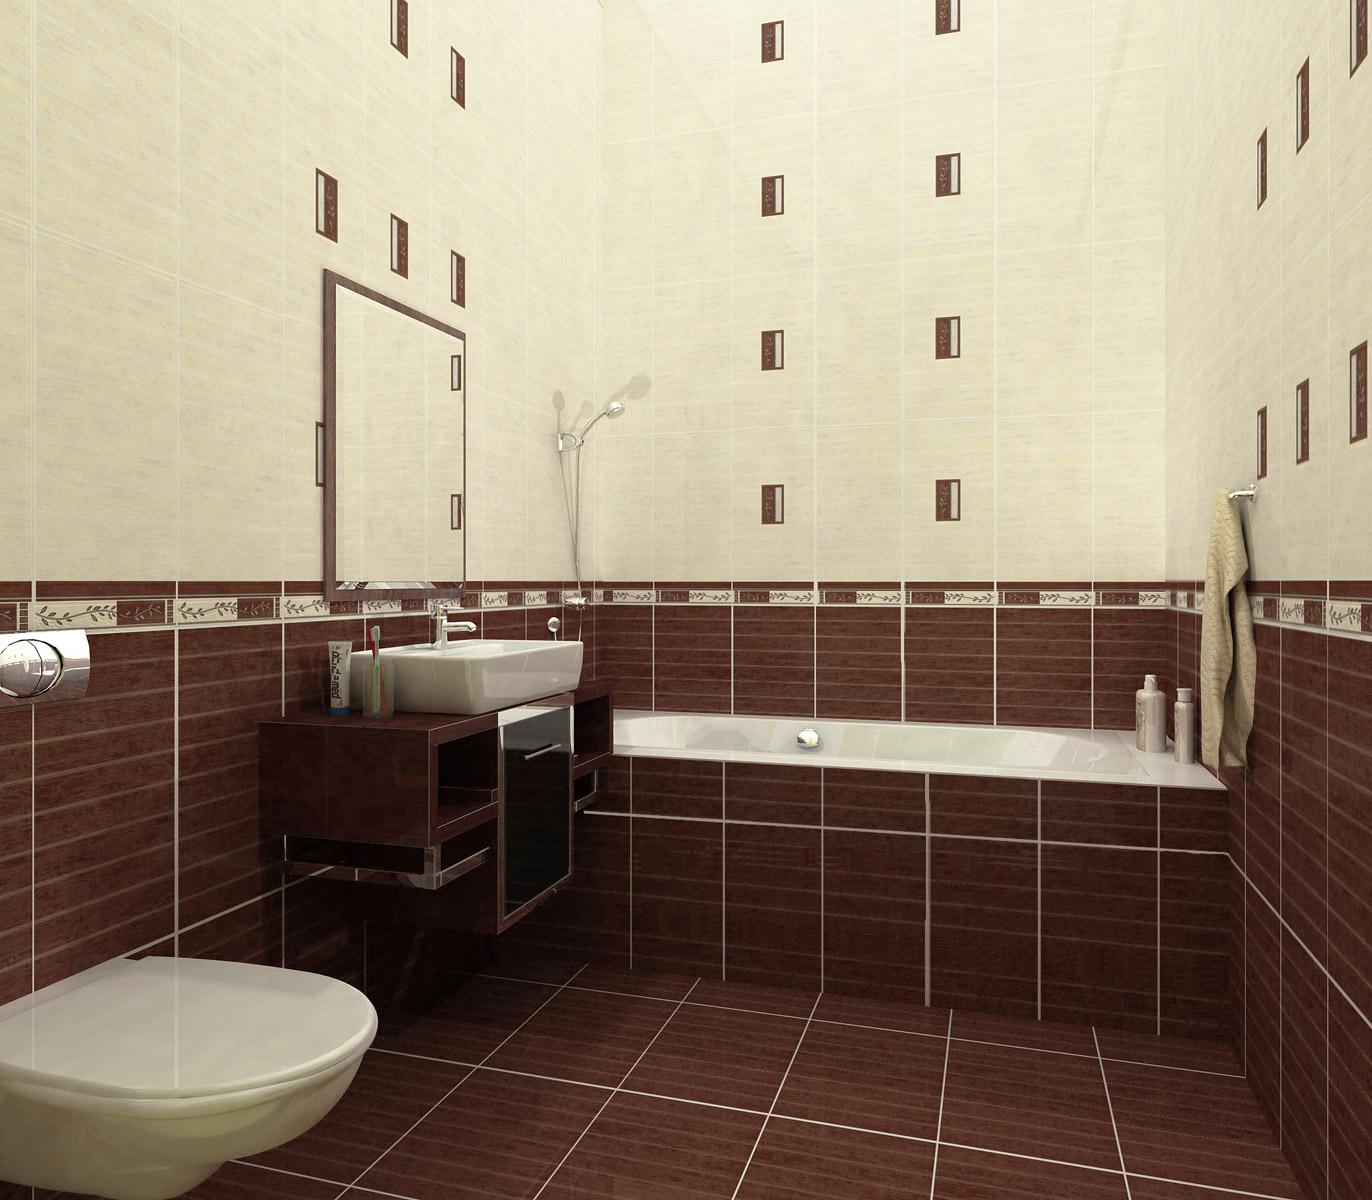 Образцы кафельной плитки для стены в ванную